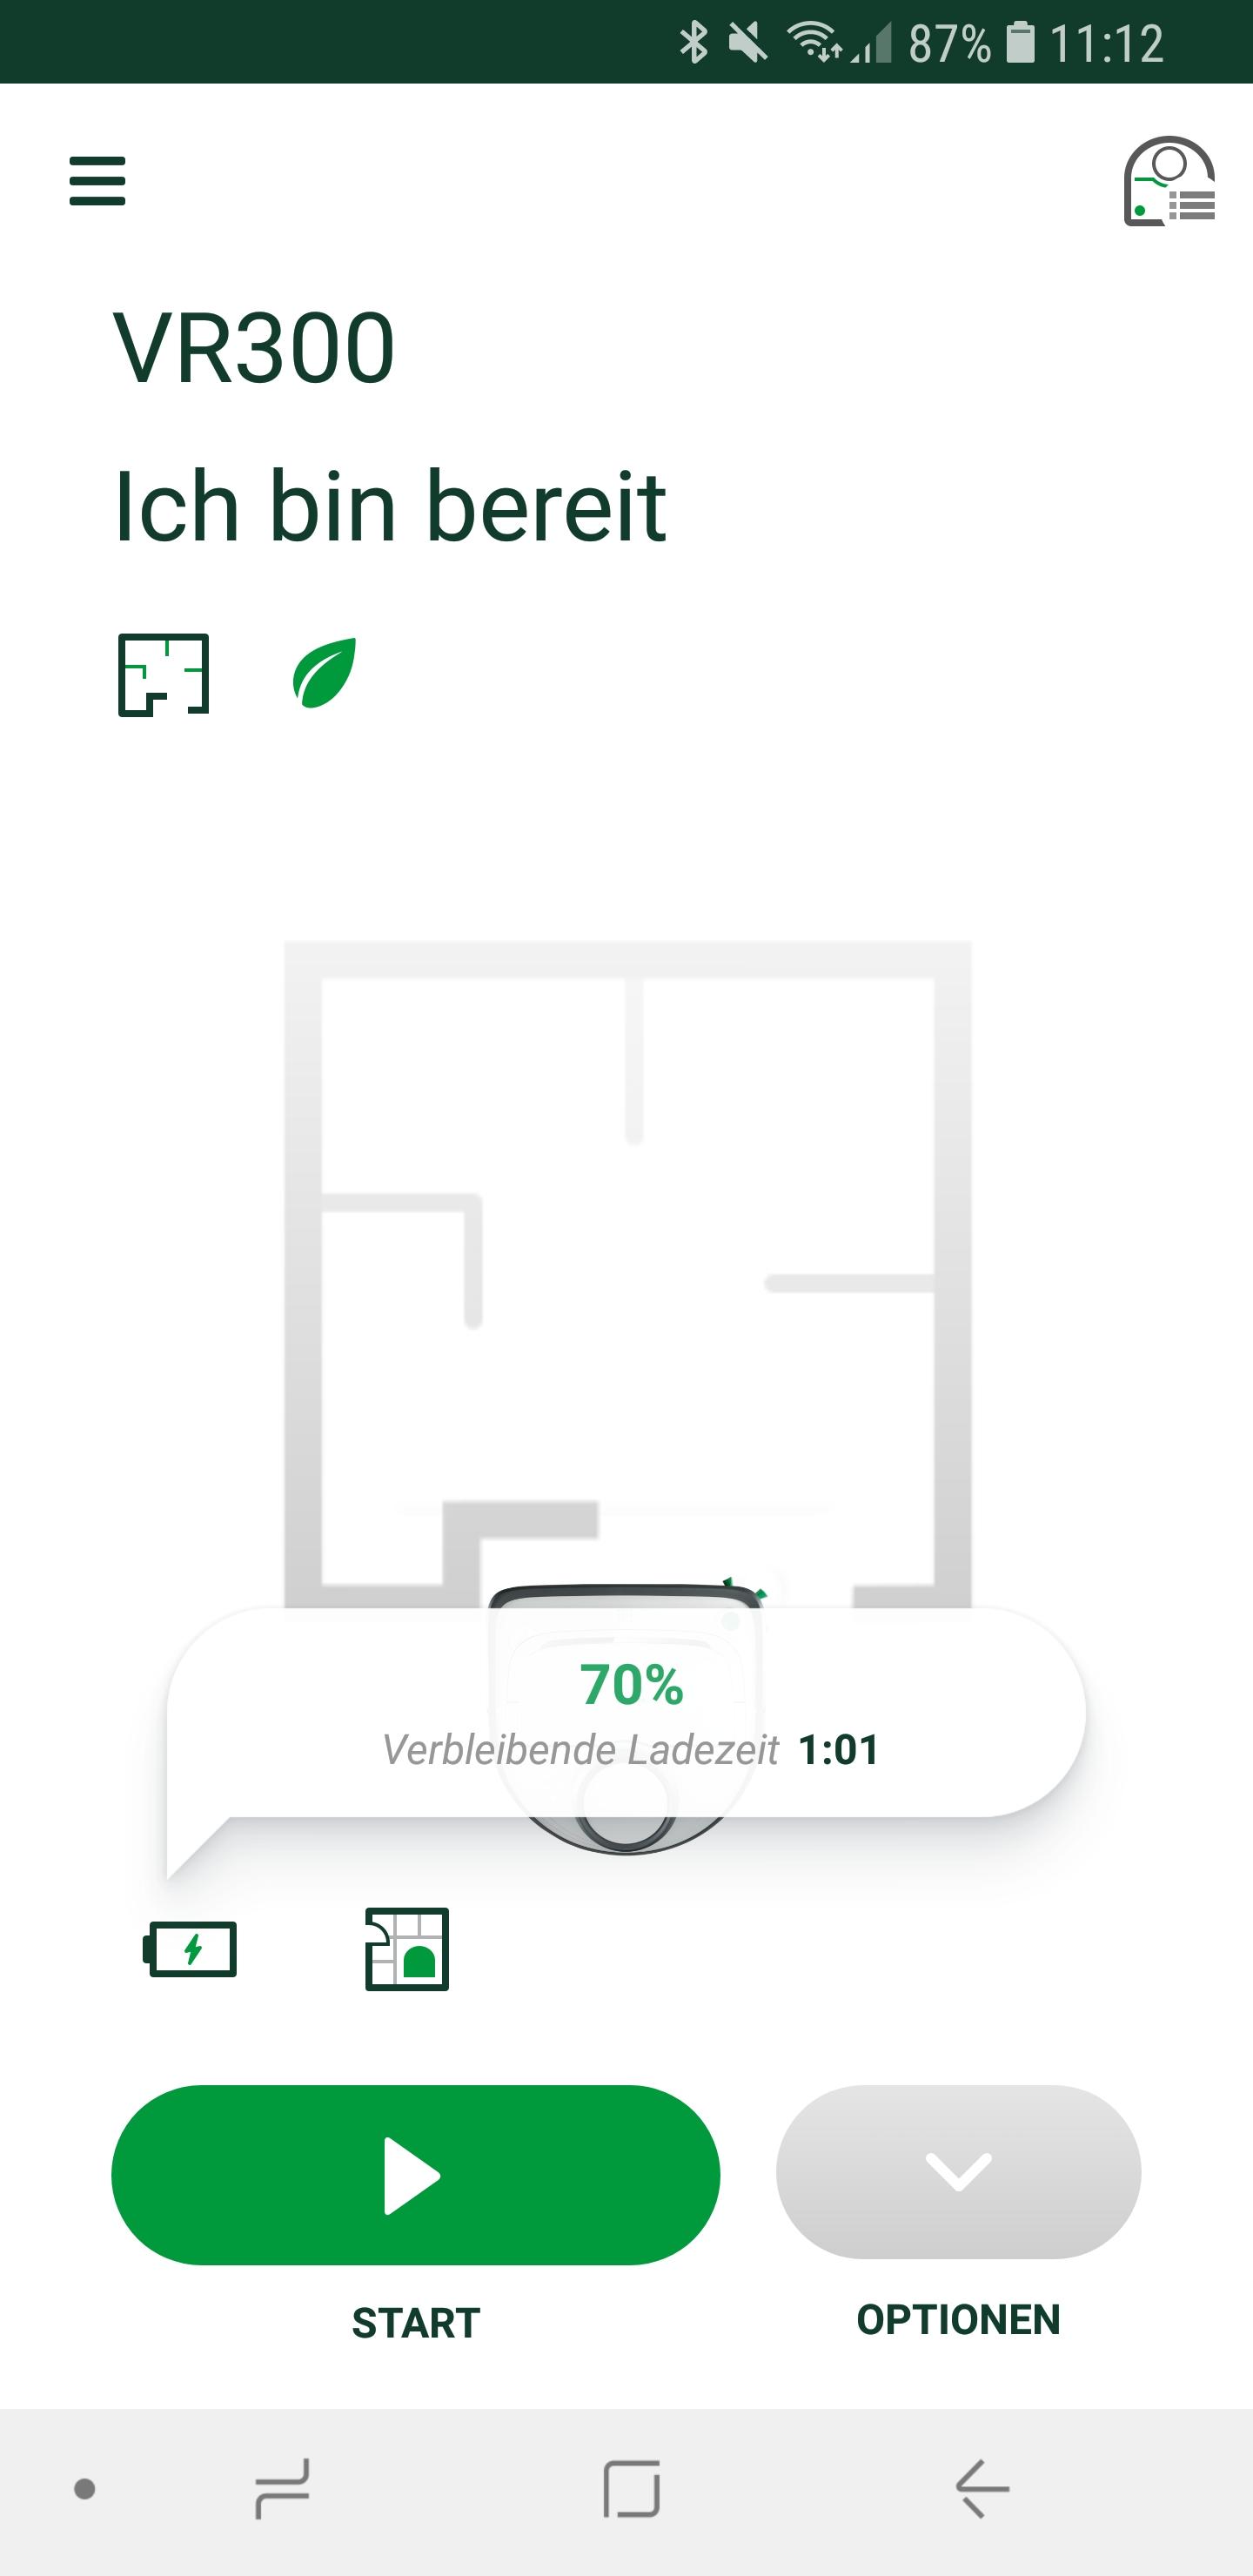 Vorwerk-Kobold-VR300-App-Details-2